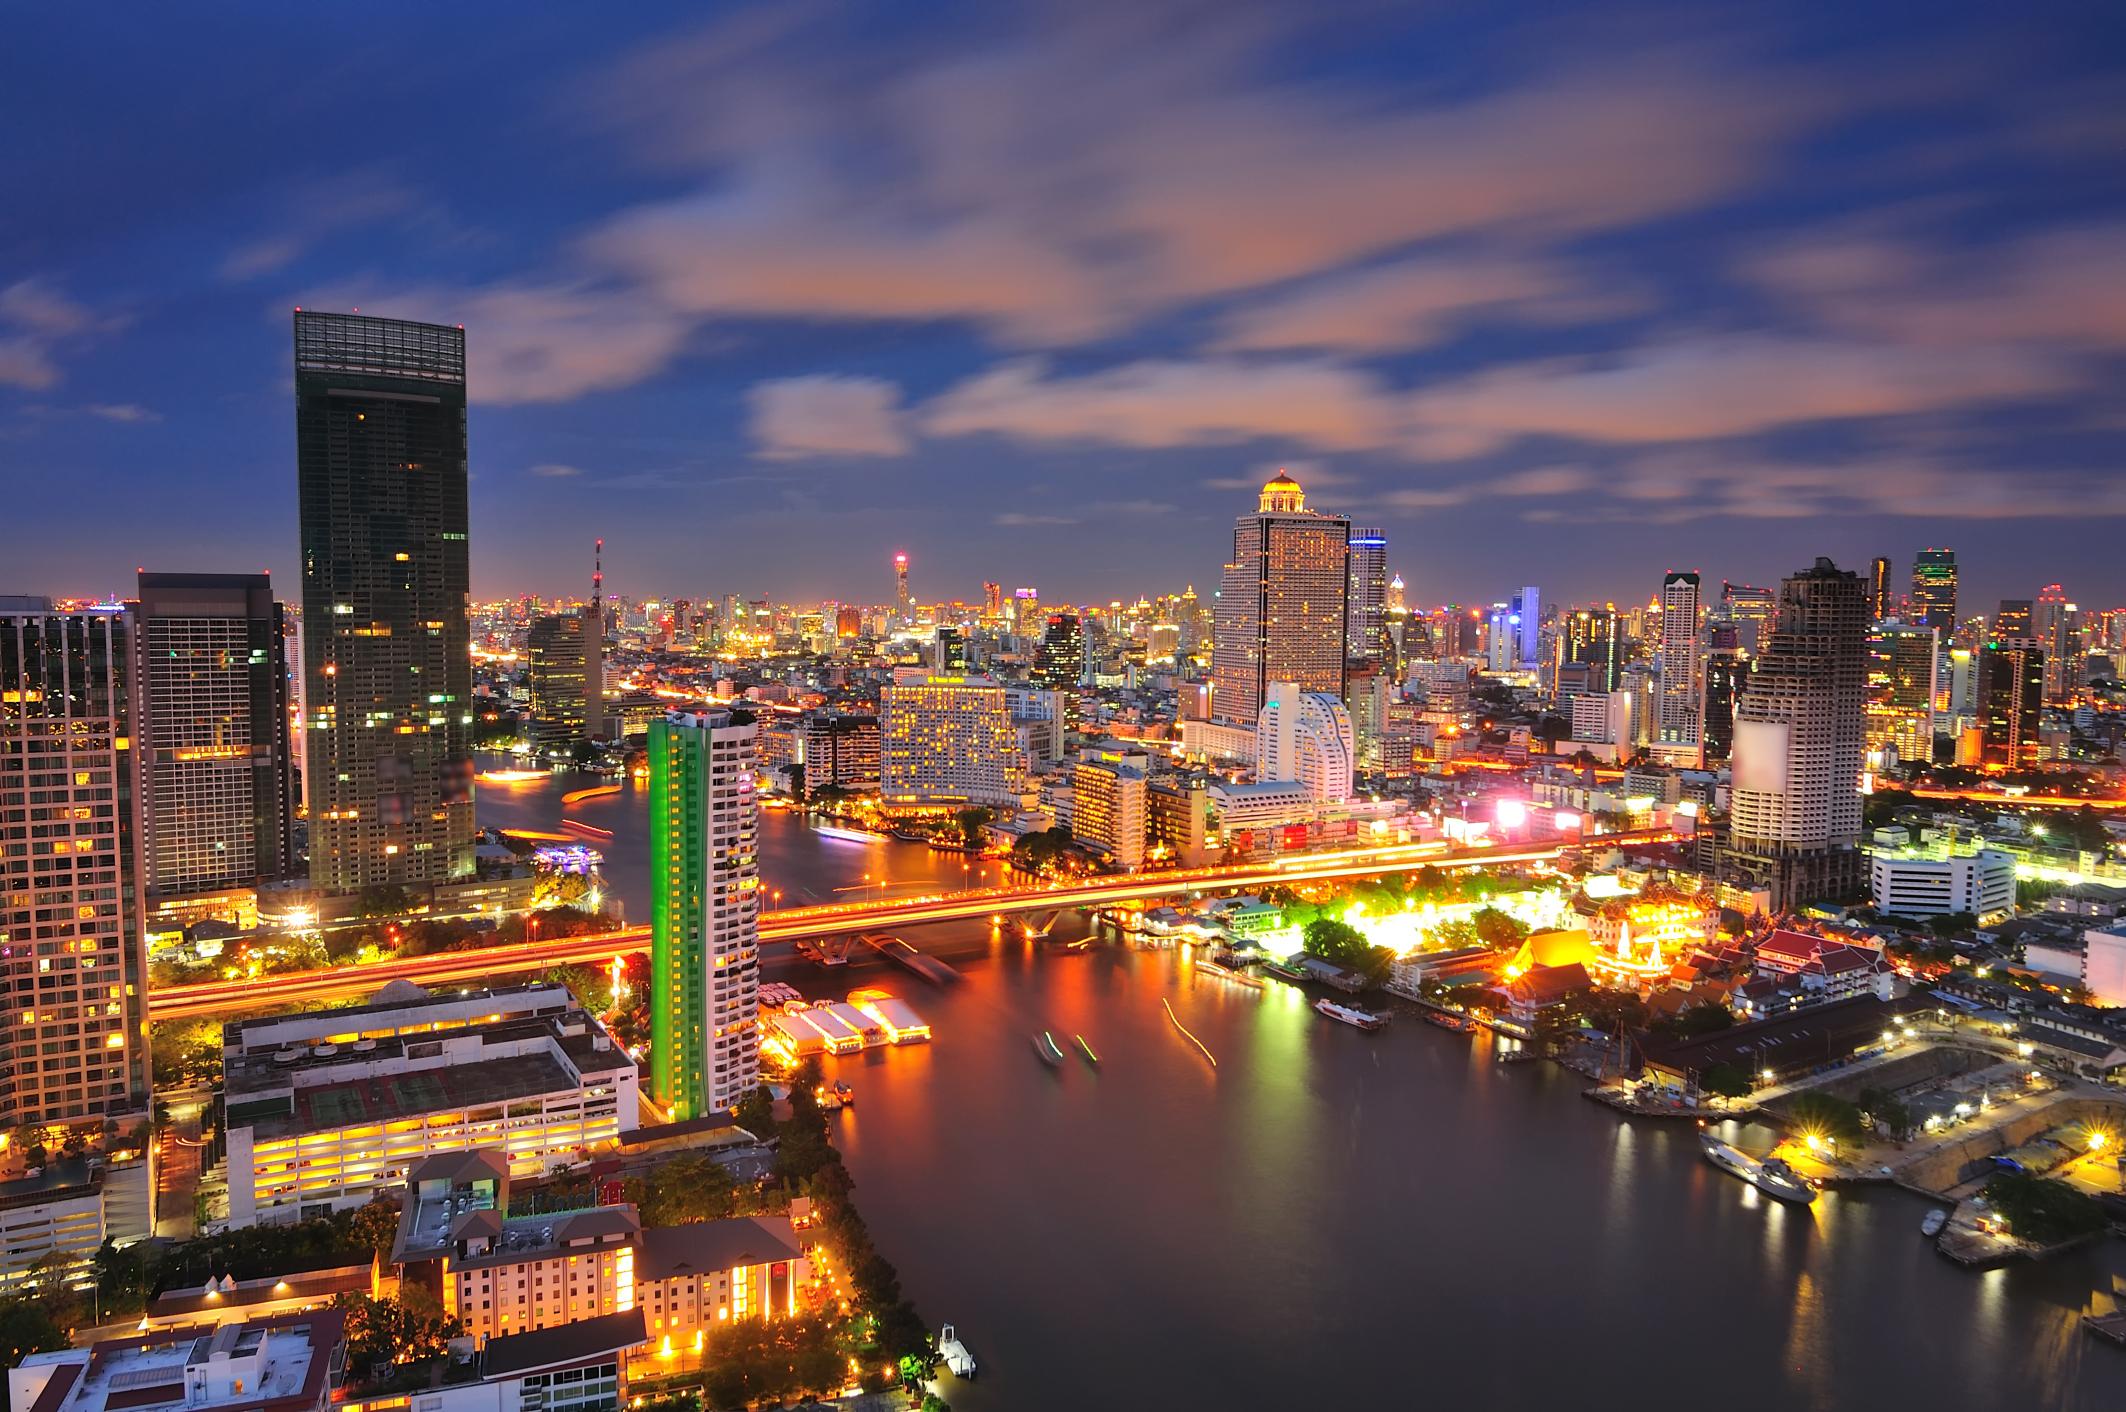 上海芭堤雅会所地址_【金品质】曼谷 芭堤雅5晚7日游